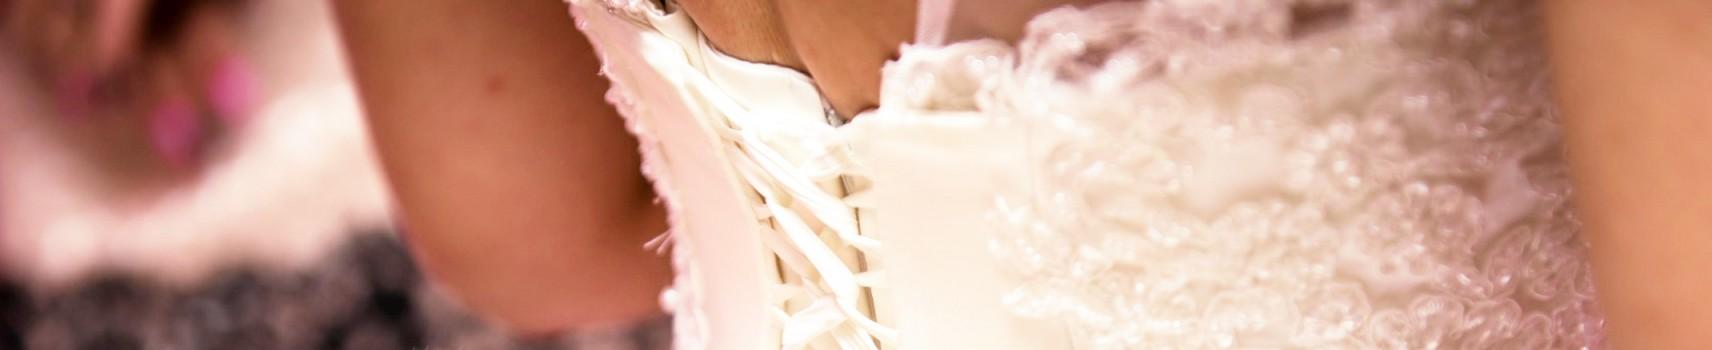 Tissus de confection pour robes de mariage